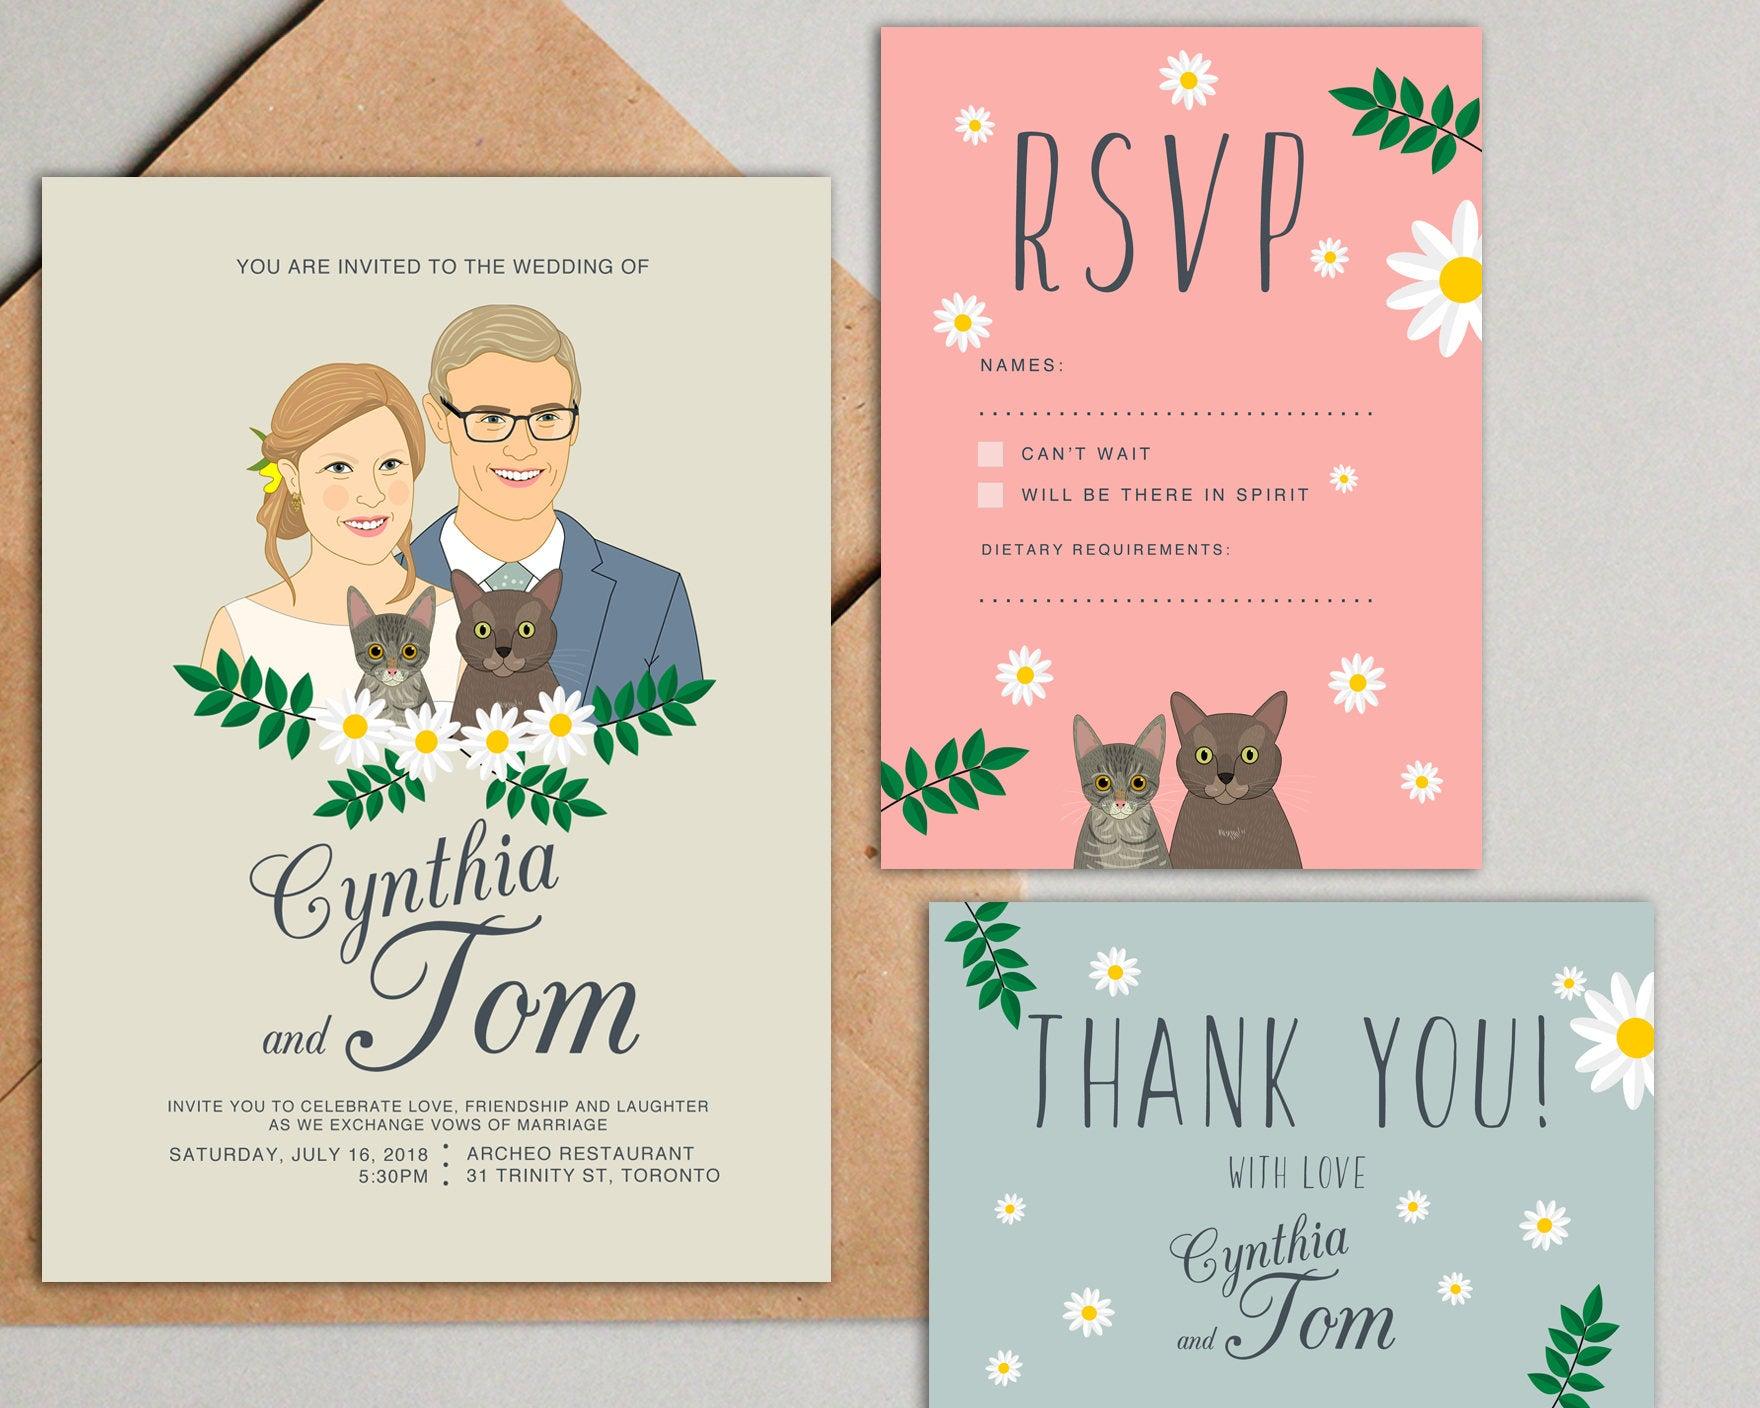 Custom Illustration Couple Portrait Wedding Invitation Suite by Lili Di Prima